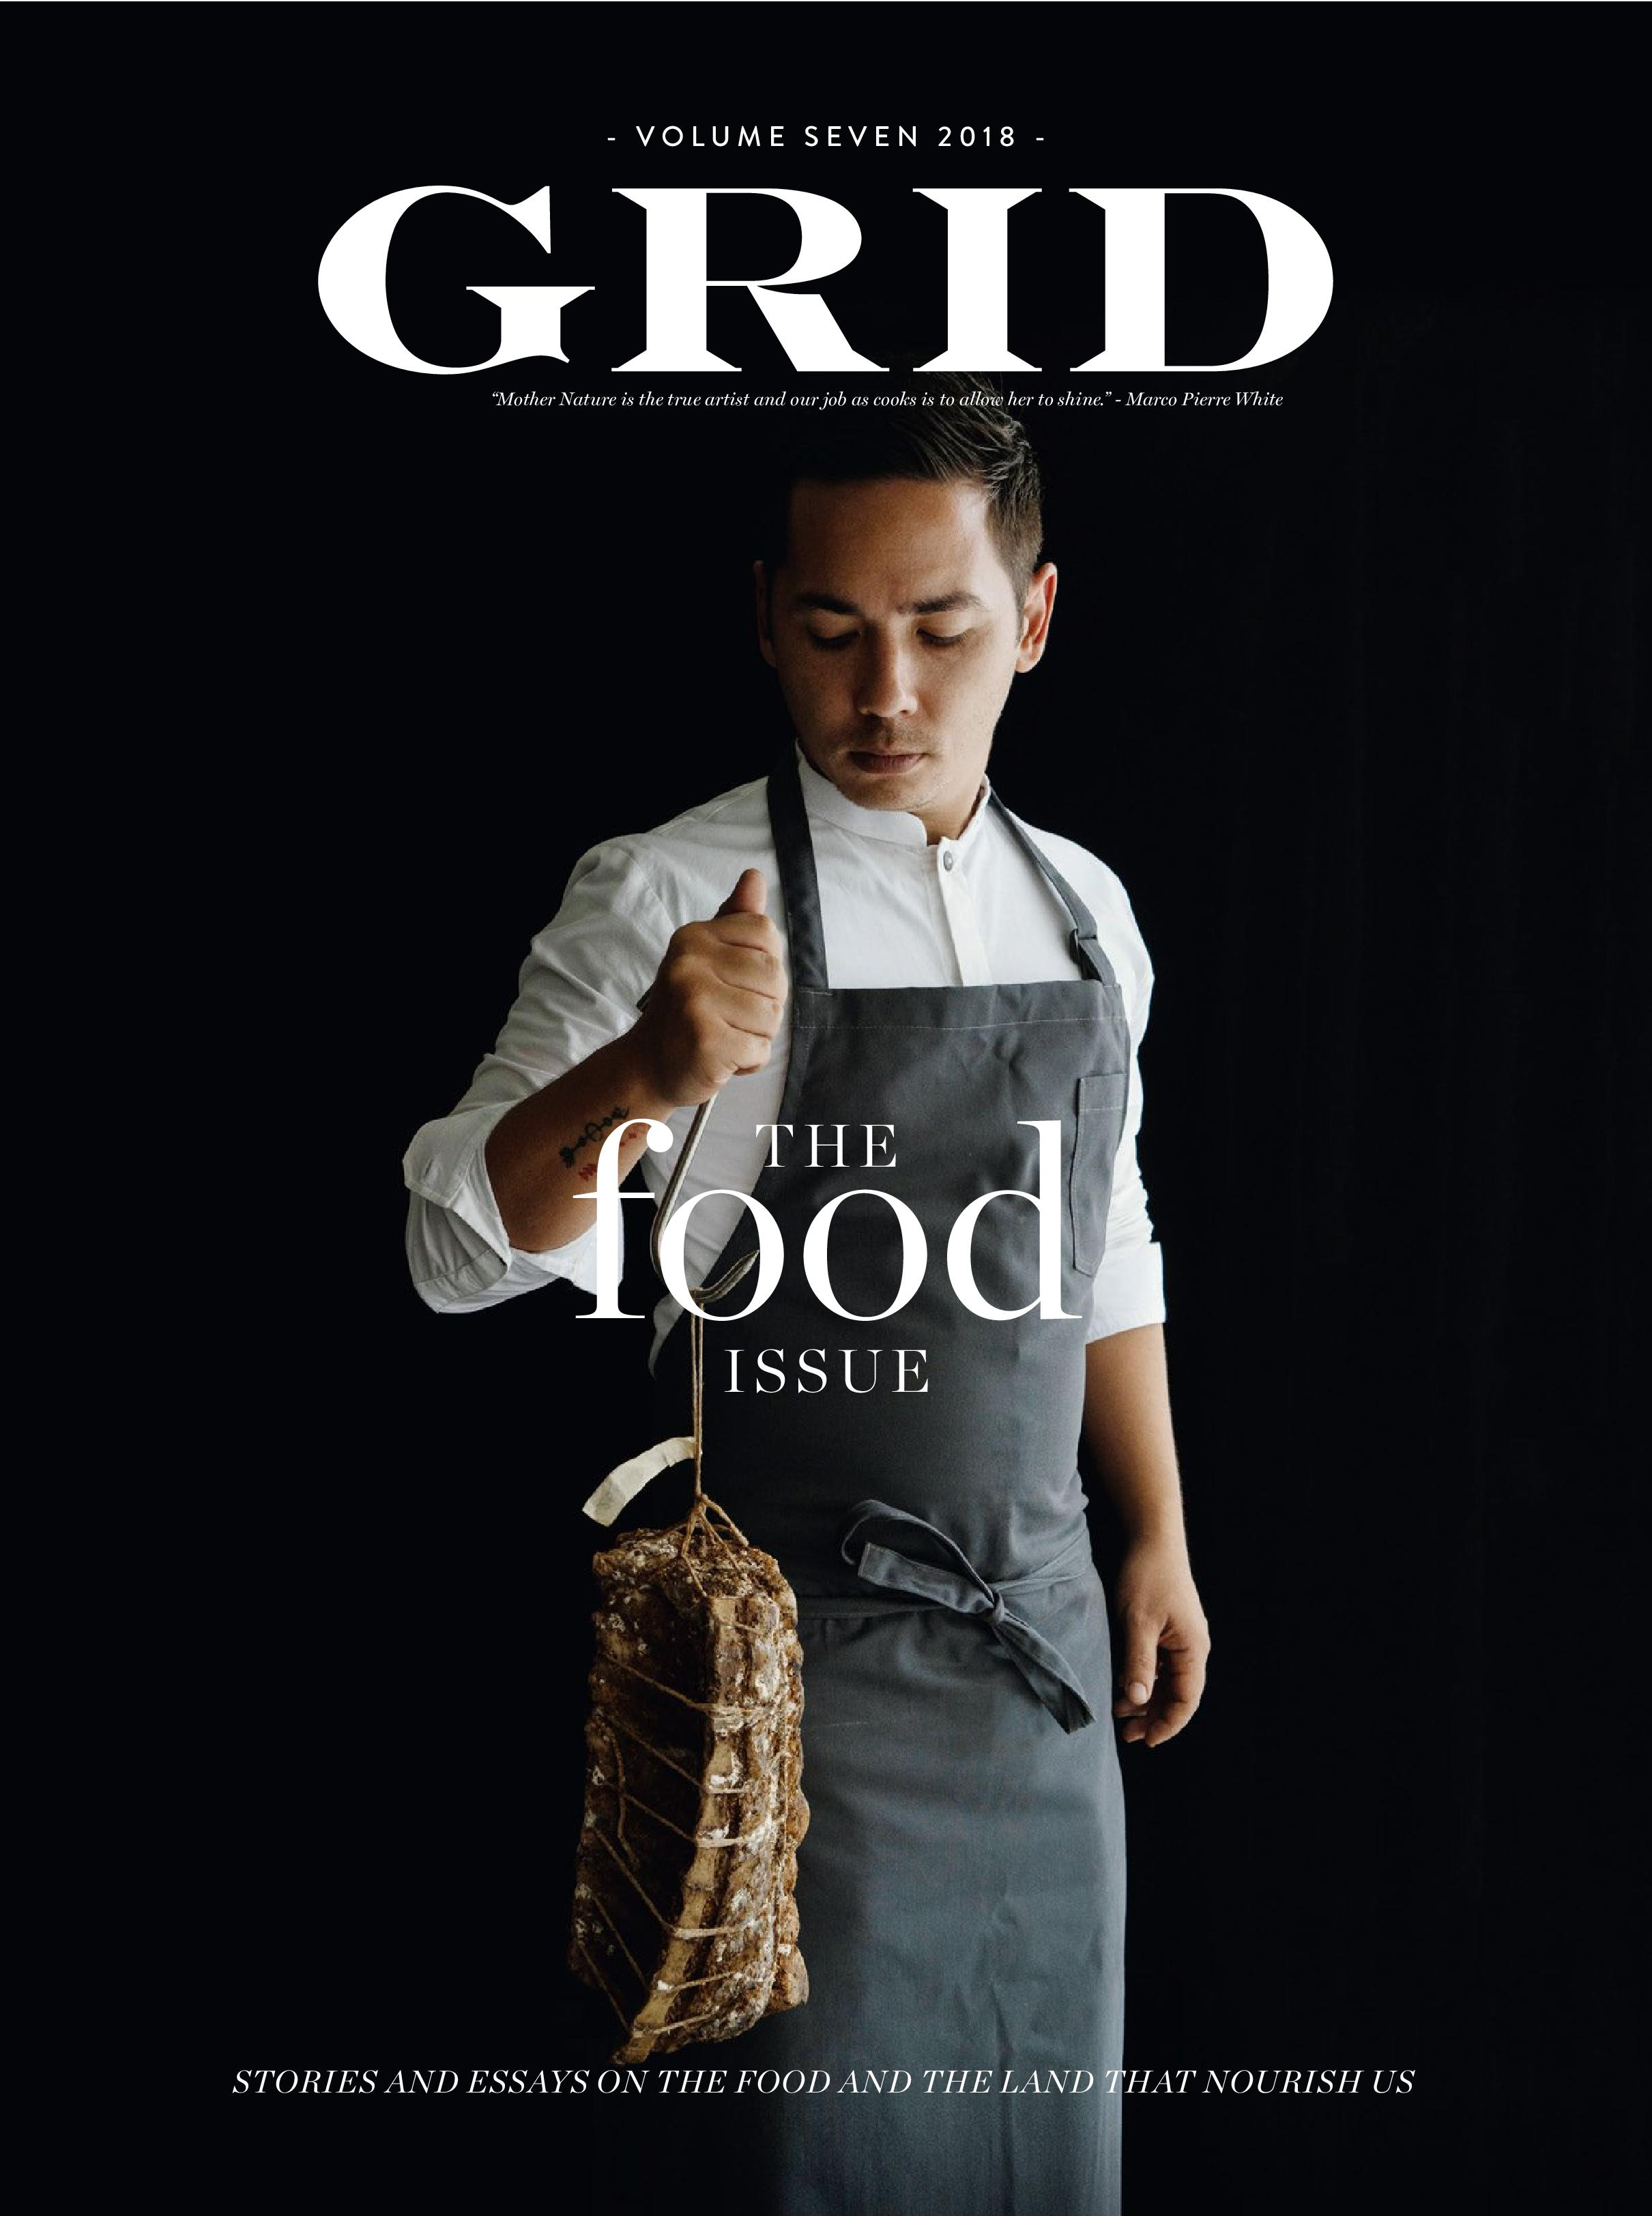 GRID - October 2018